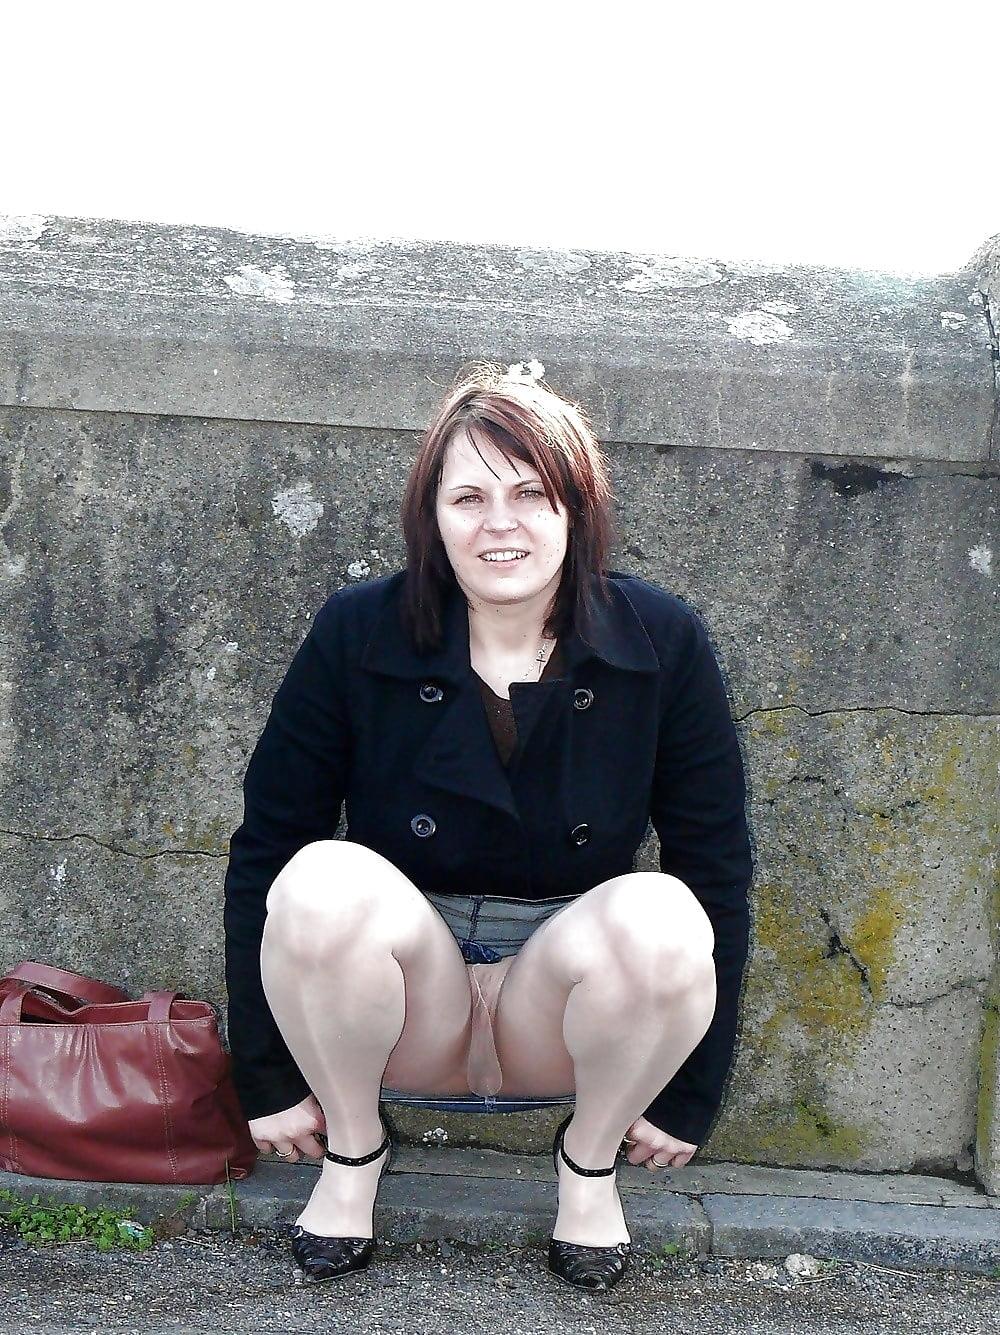 фото зрелых женщин сидящих на корточках своего